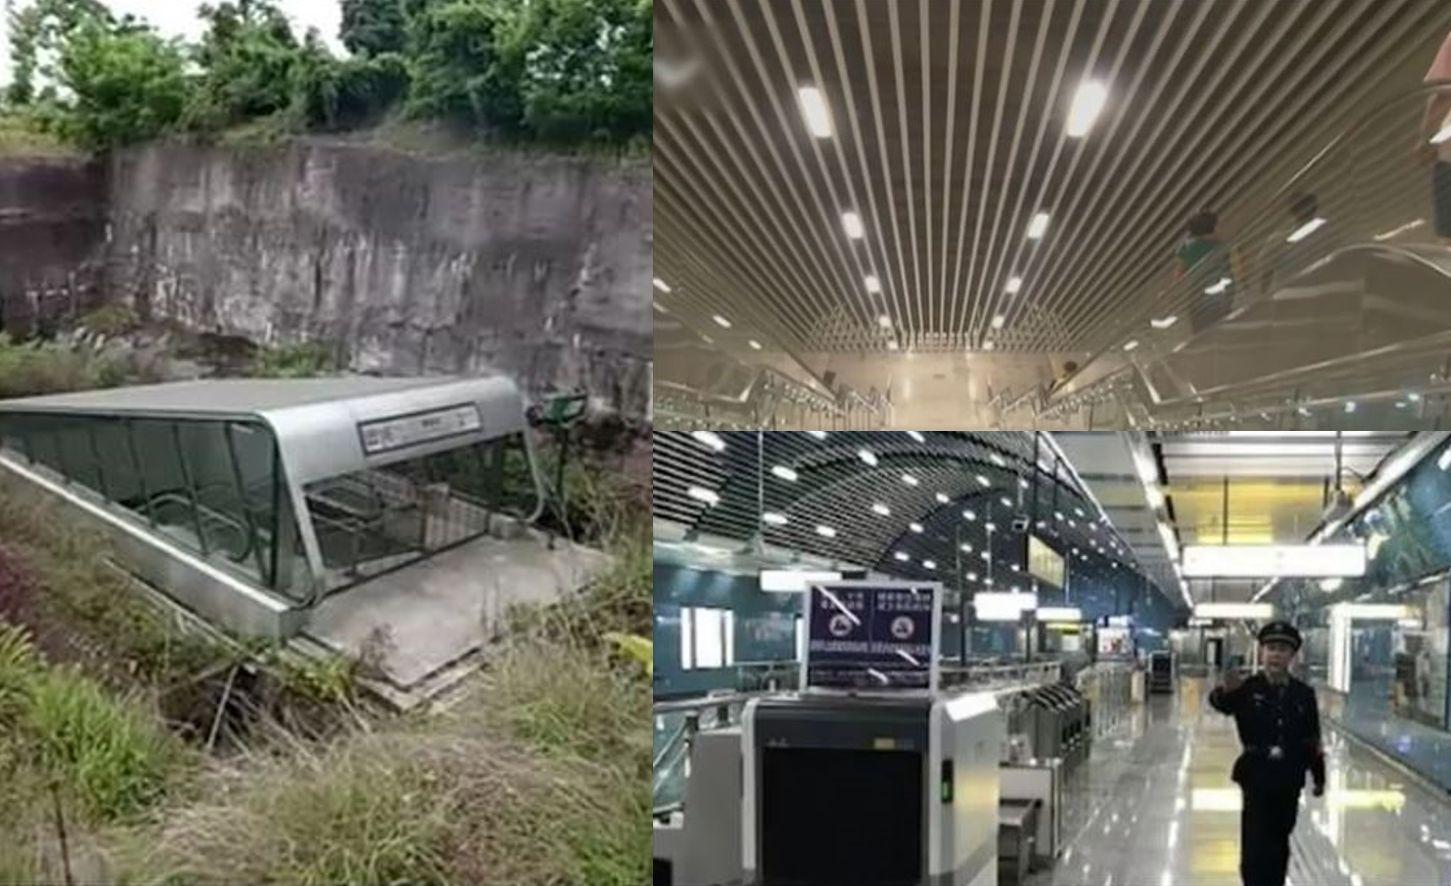 中国のとある地下鉄の駅…入り口と地下のギャップが凄まじい!「地下要塞みたいだ」